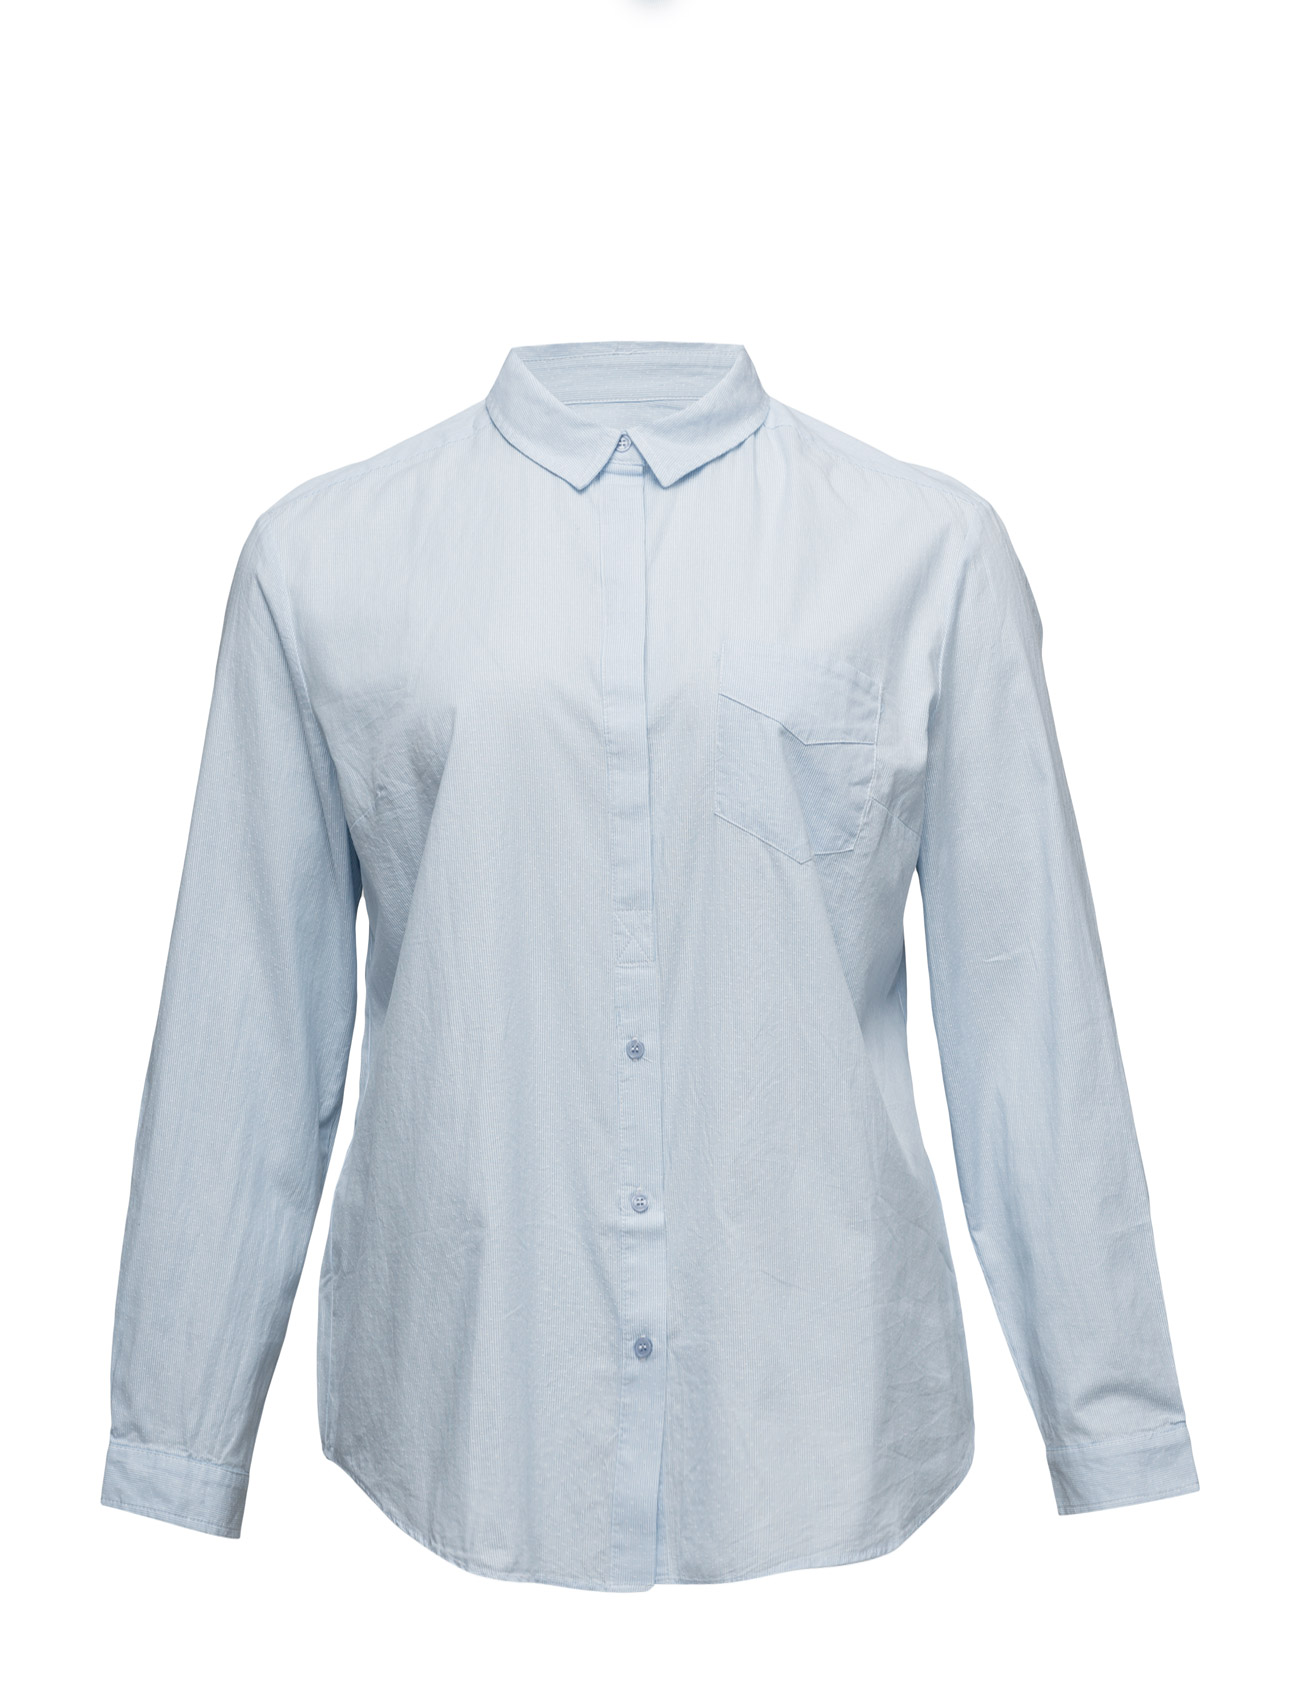 Chest-Pocket Cotton Shirt Violeta by Mango Langærmede til Kvinder i Lt-Pastel blå